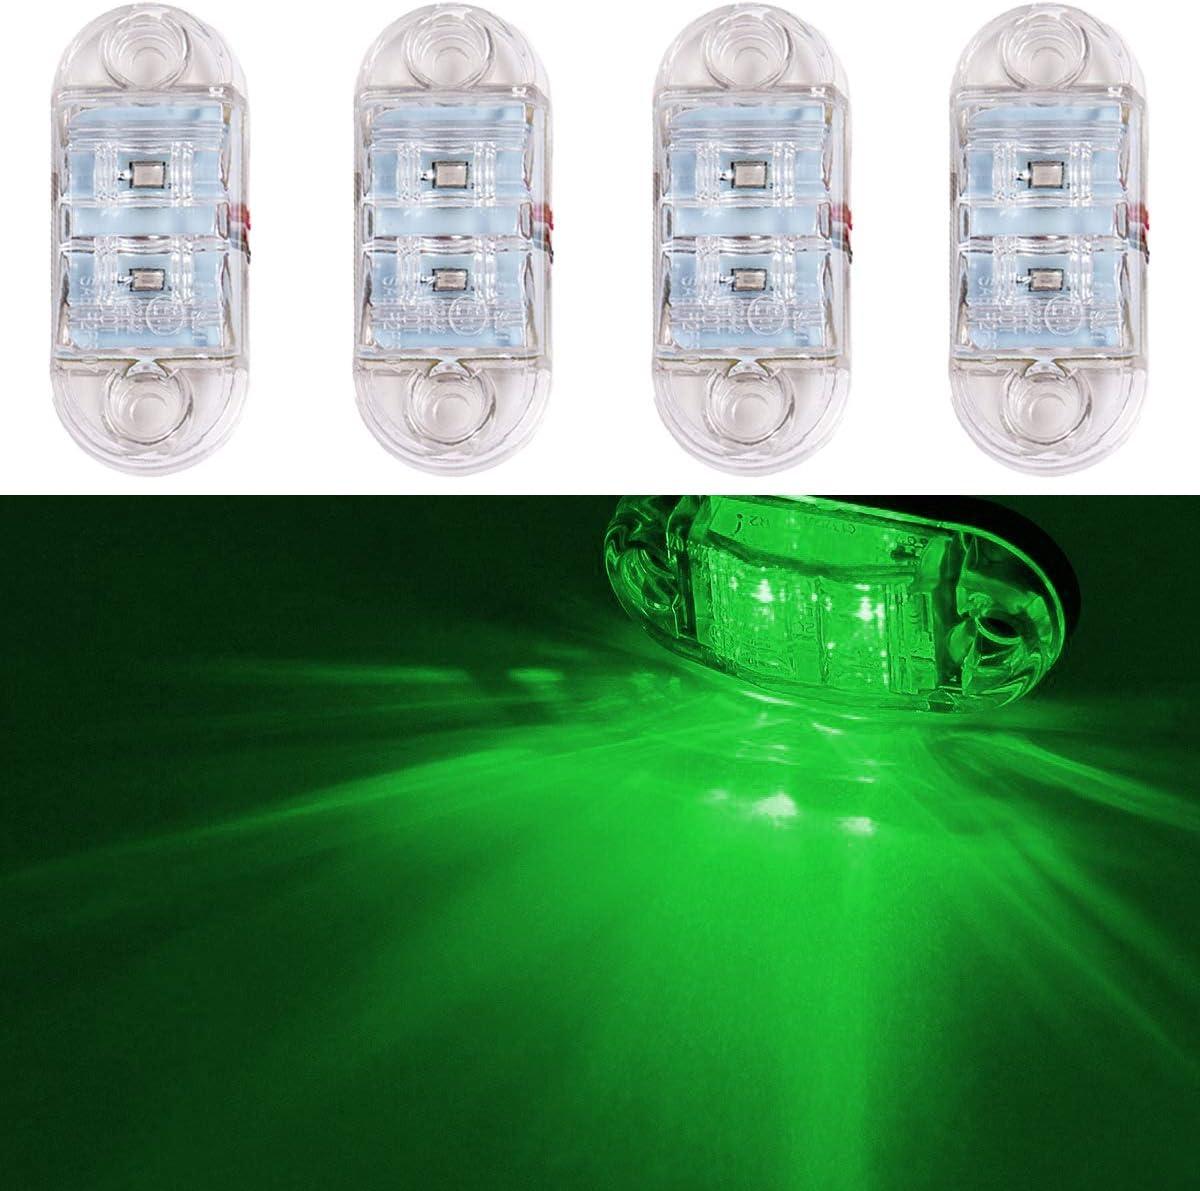 CARAVAN CAR LIGHT 12V FLOURESCENT TUBE 8 WATT VAN CAMP